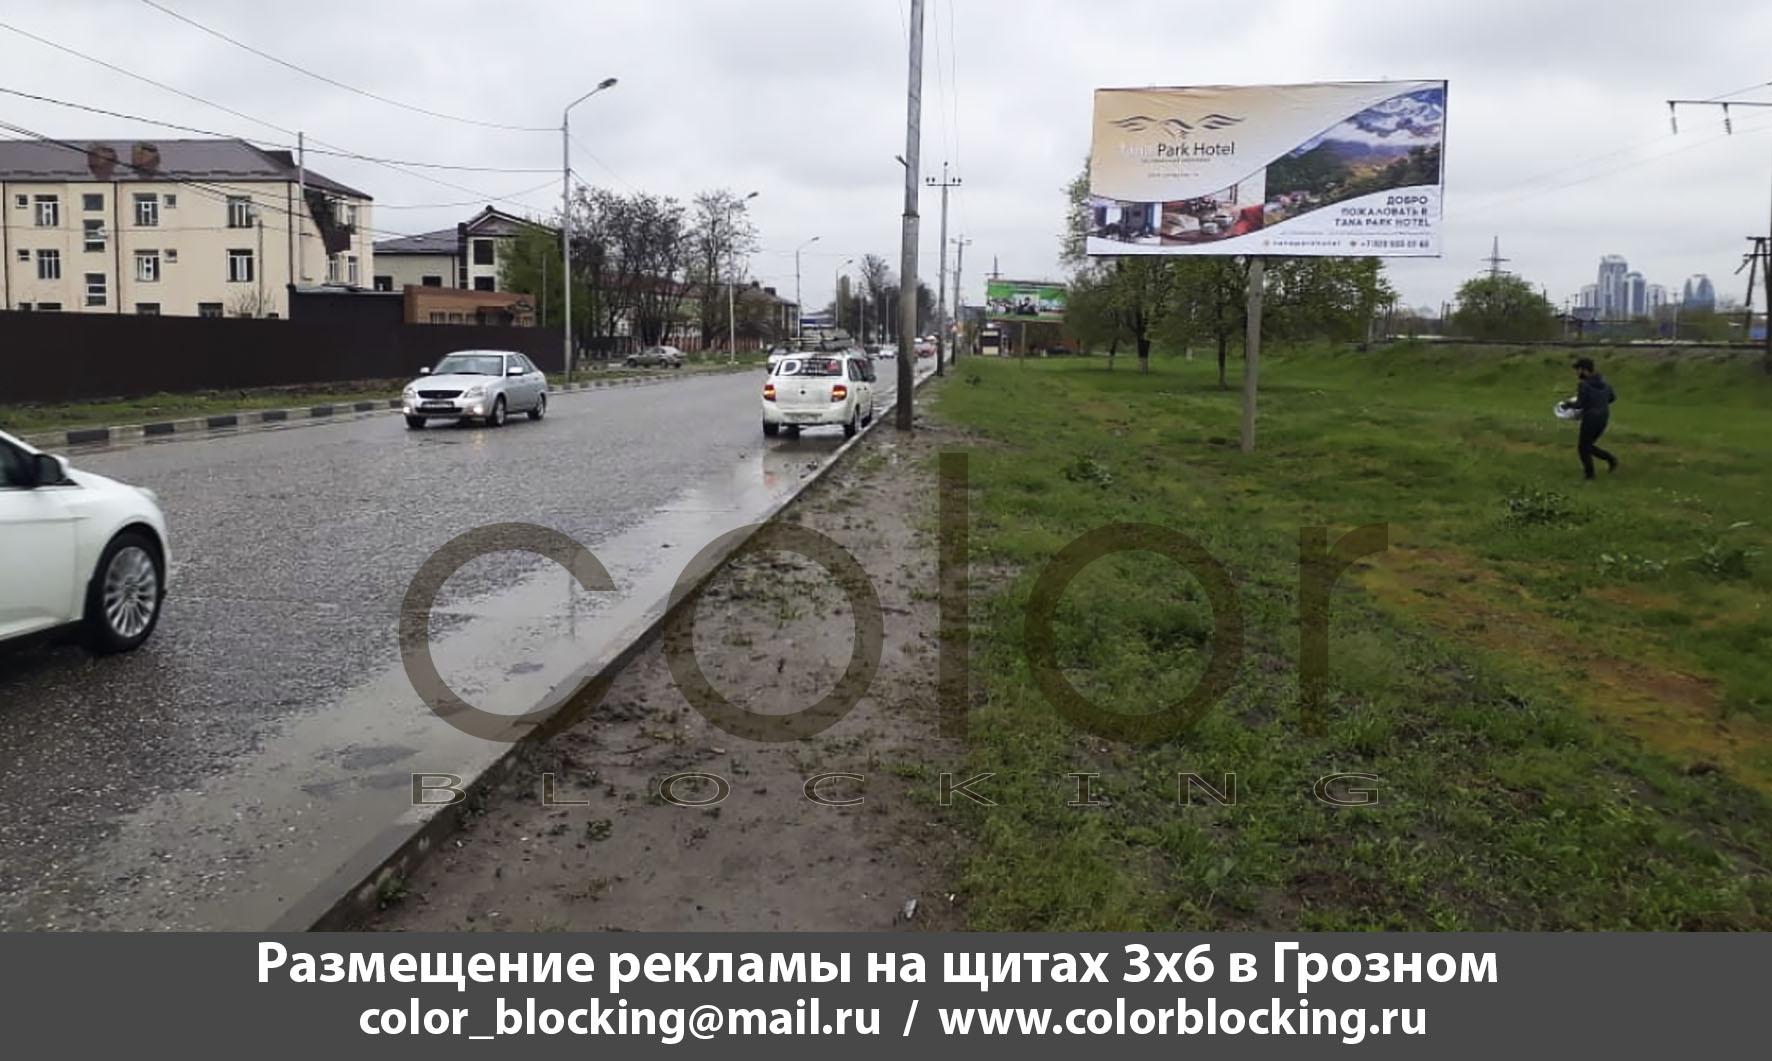 Реклама в Грозном Tana Park Hotel щиты